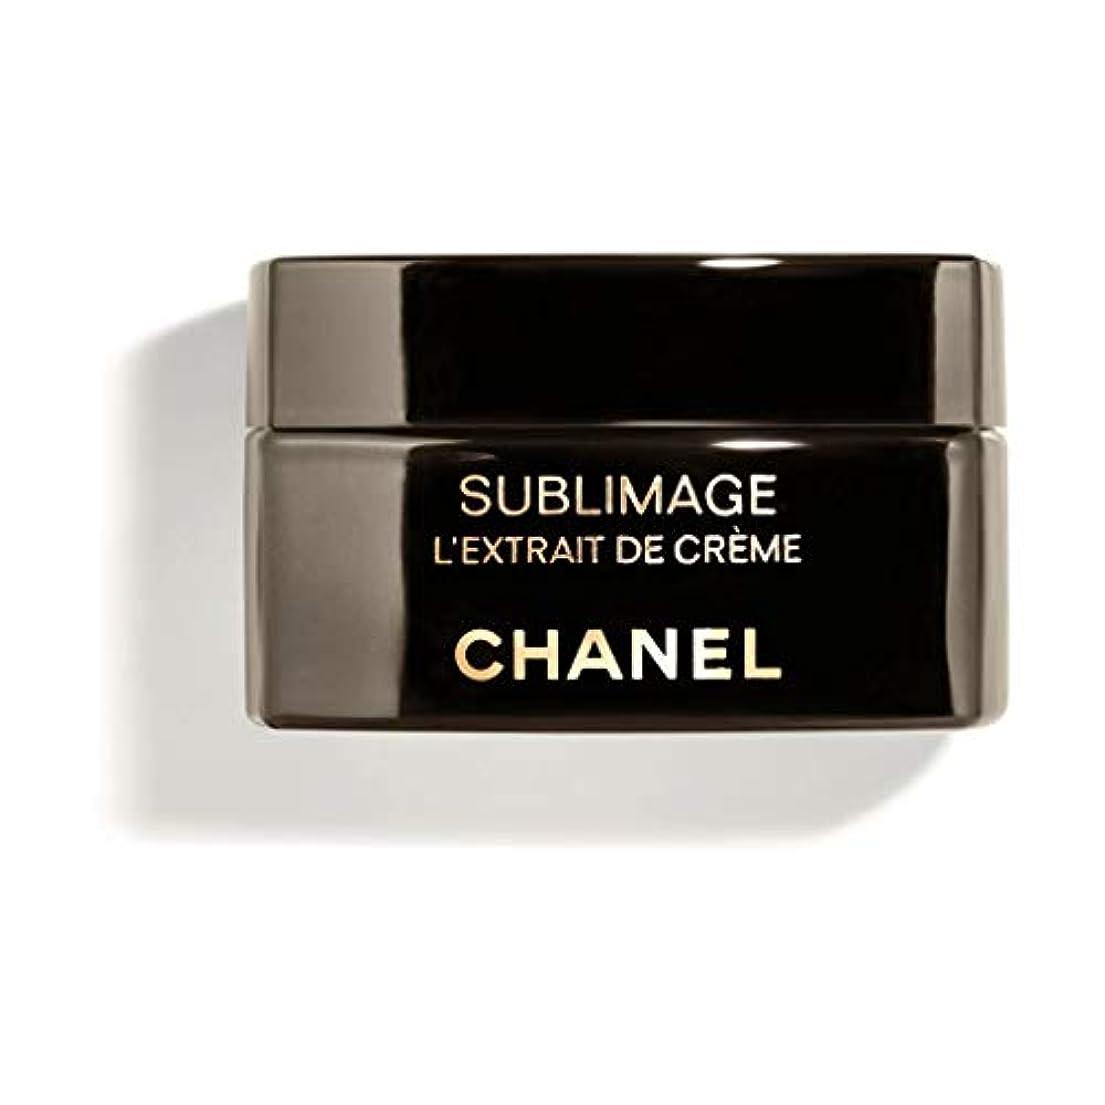 消防士質量大工CHANEL(シャネル) SUBLIMAGE L EXTRAIT DE CREME サブリマージュ レクストレ ドゥ クレーム 50g